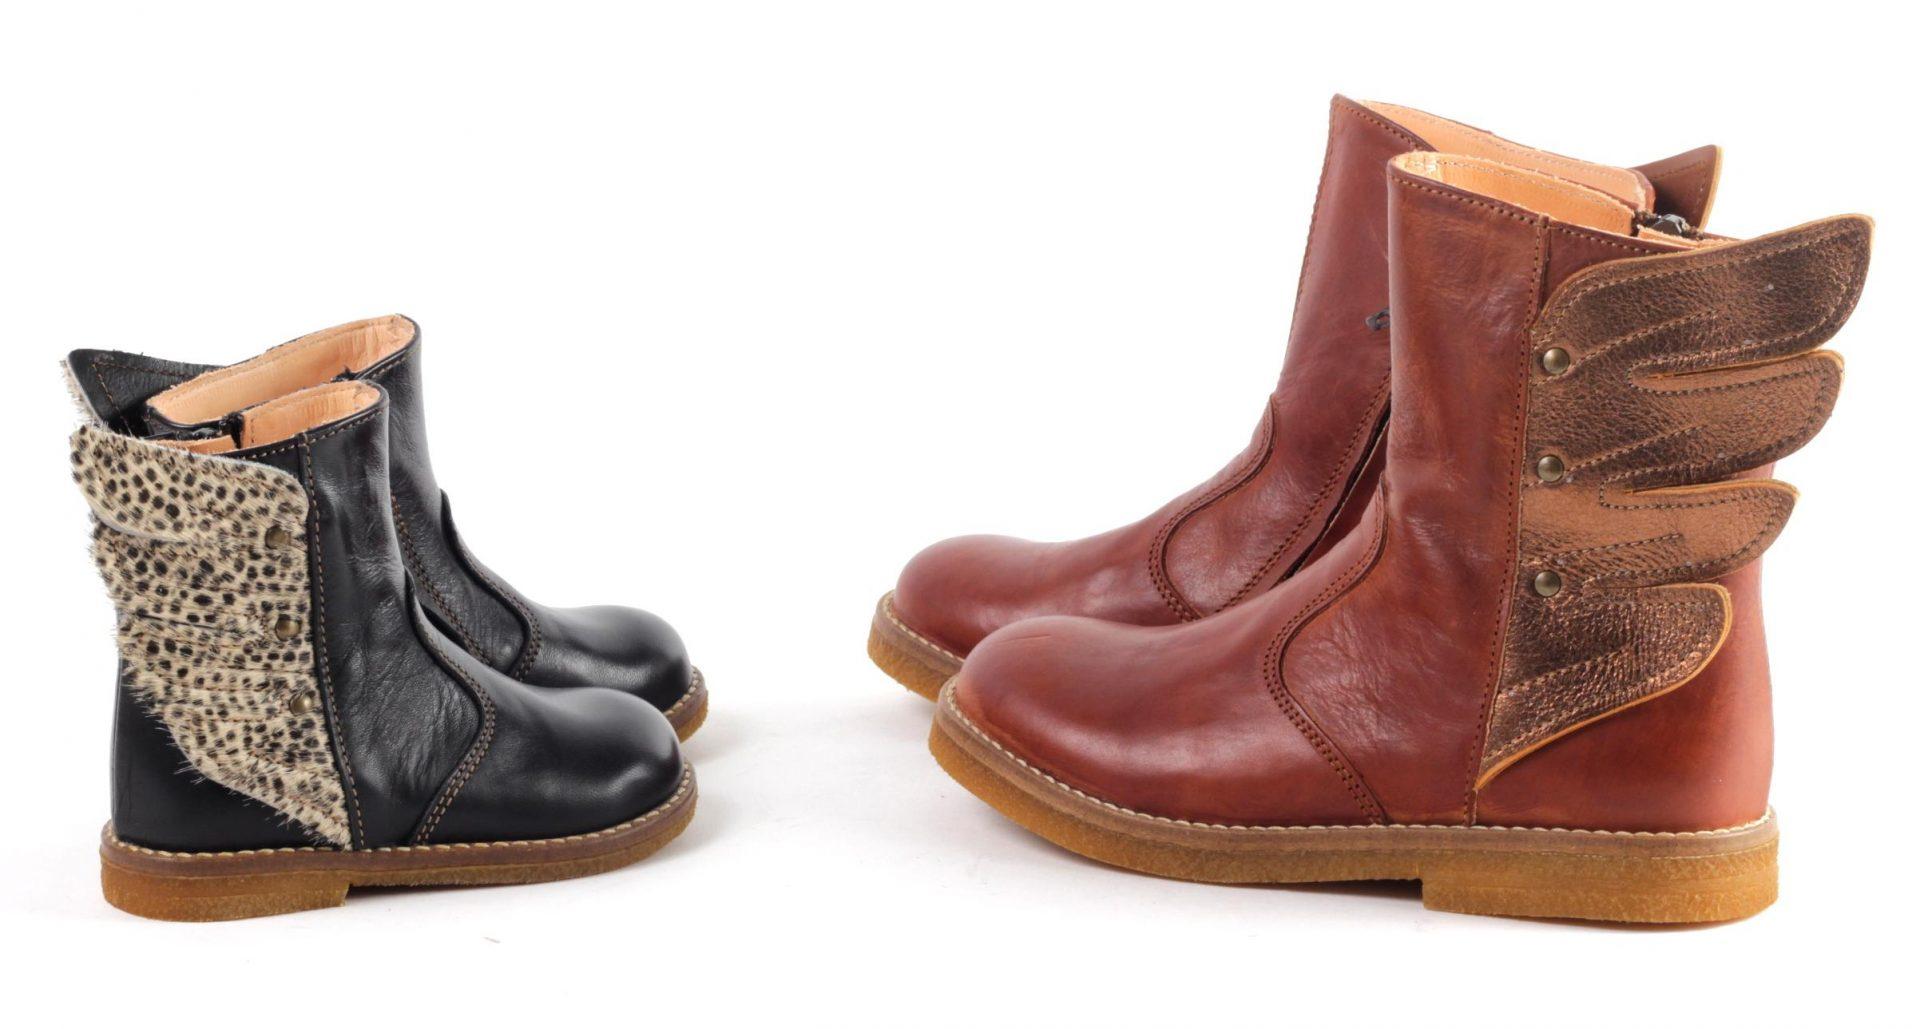 Ocra vleugeltjes1 - Schoenen online kopen